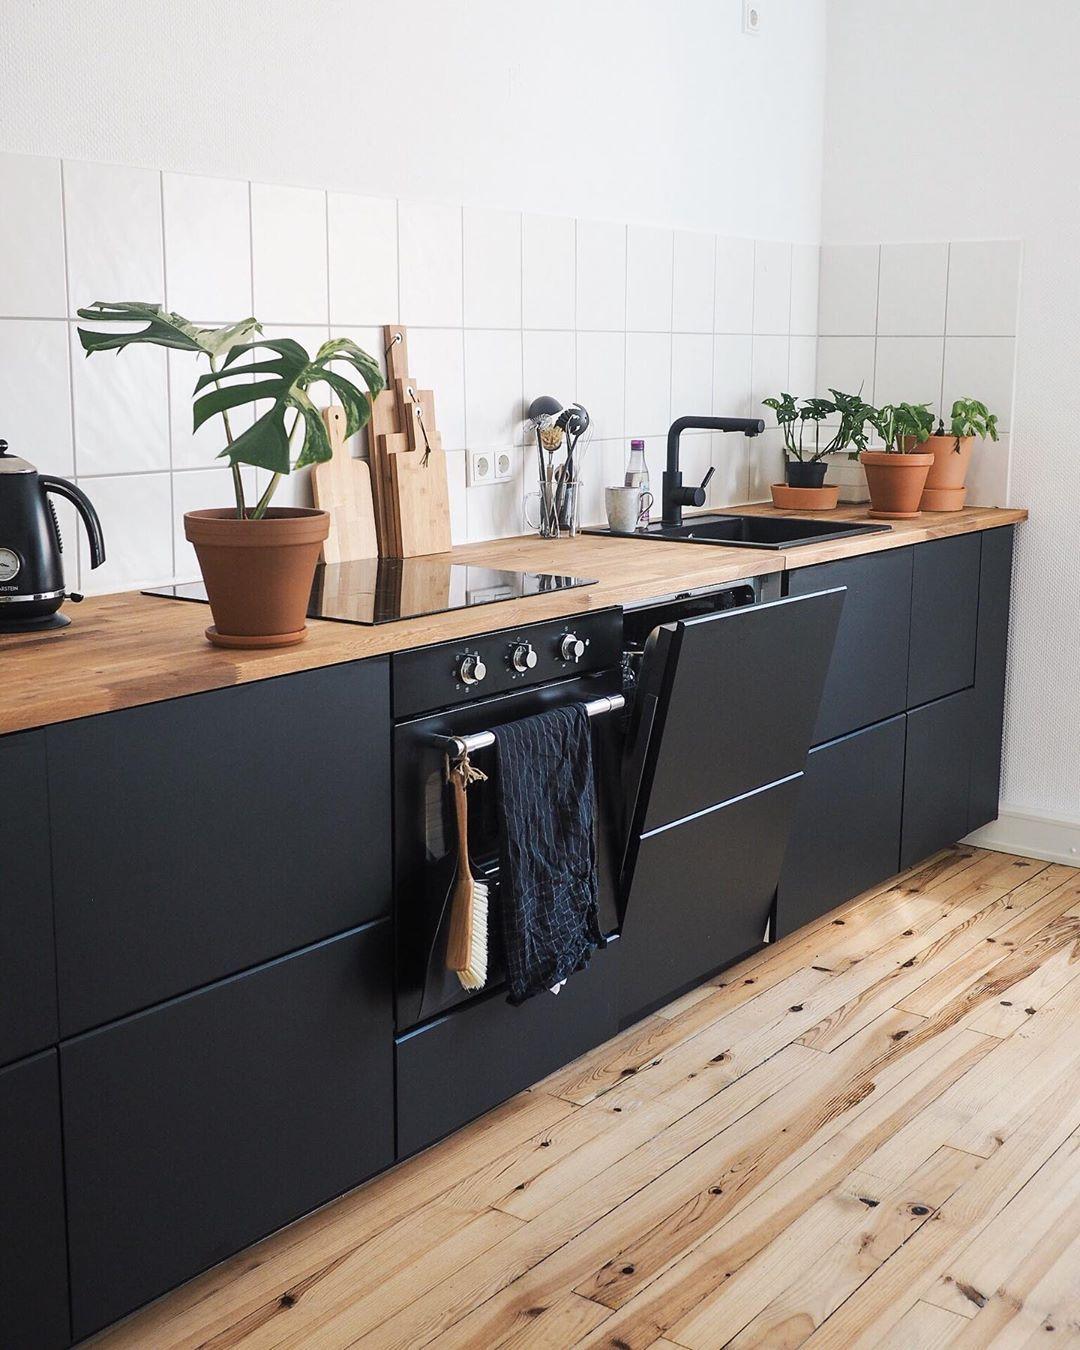 ikea metod küche front kungsbacka #kitchen #ikeakitchen